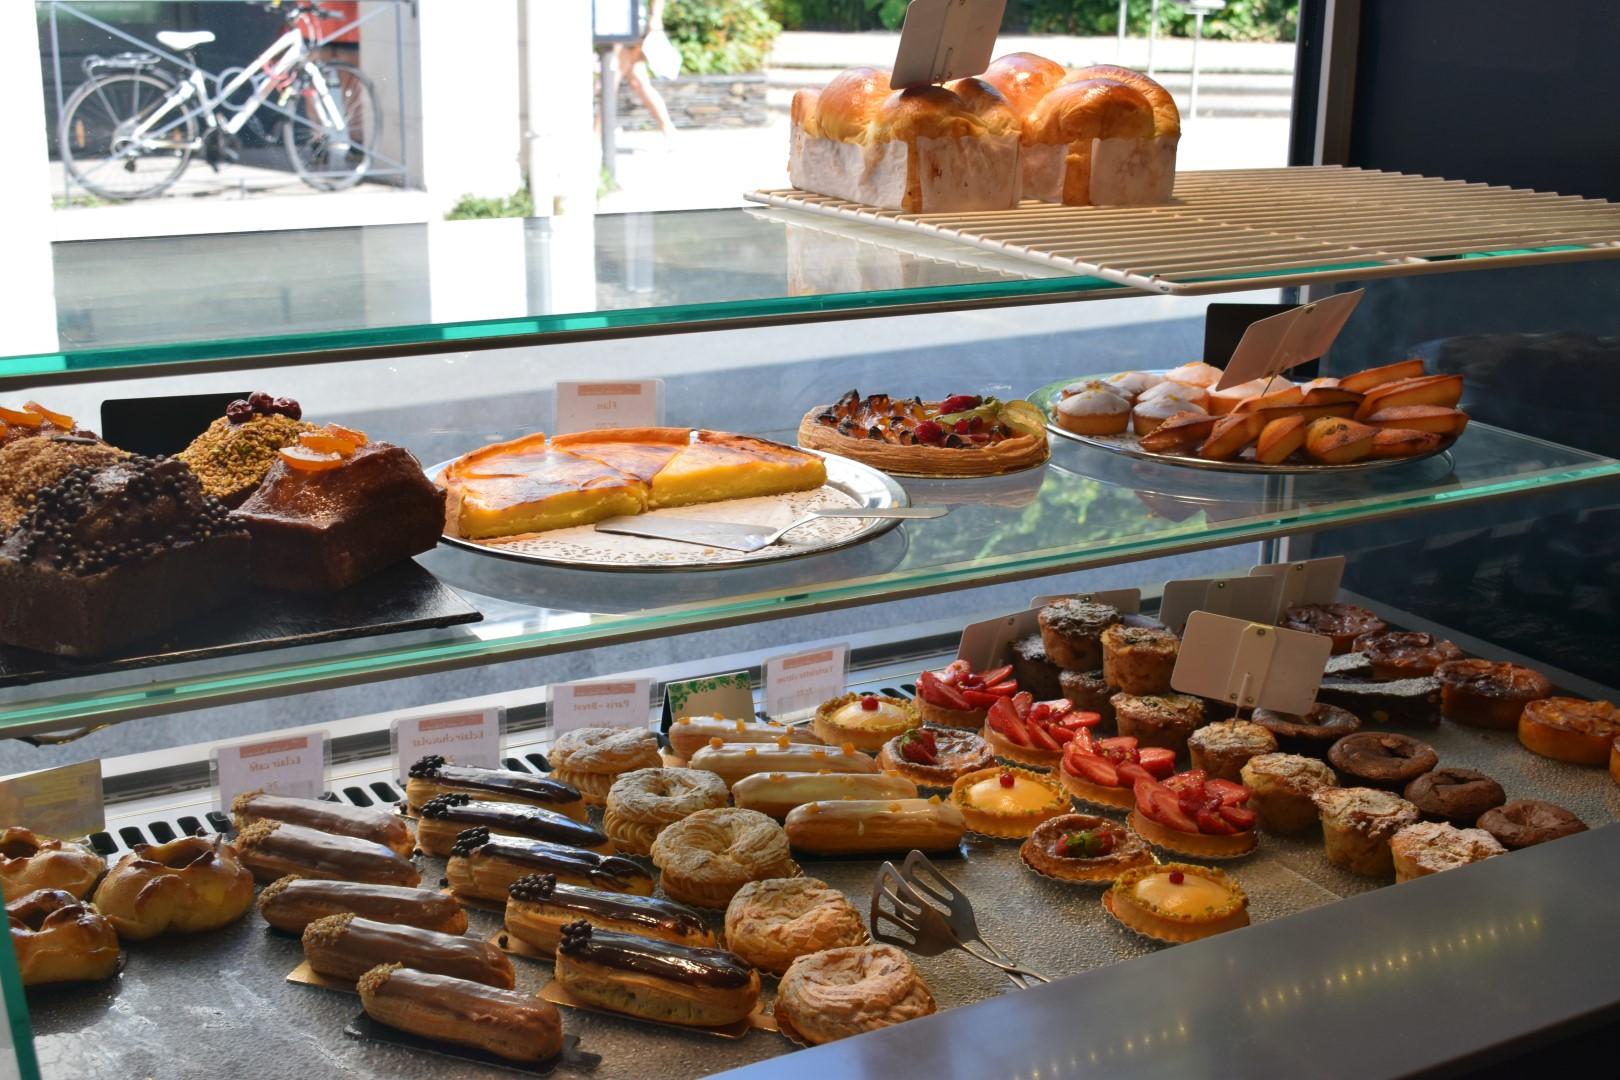 Ma petite boulangerie, 55 Rue Toussaint, 49100 Angers